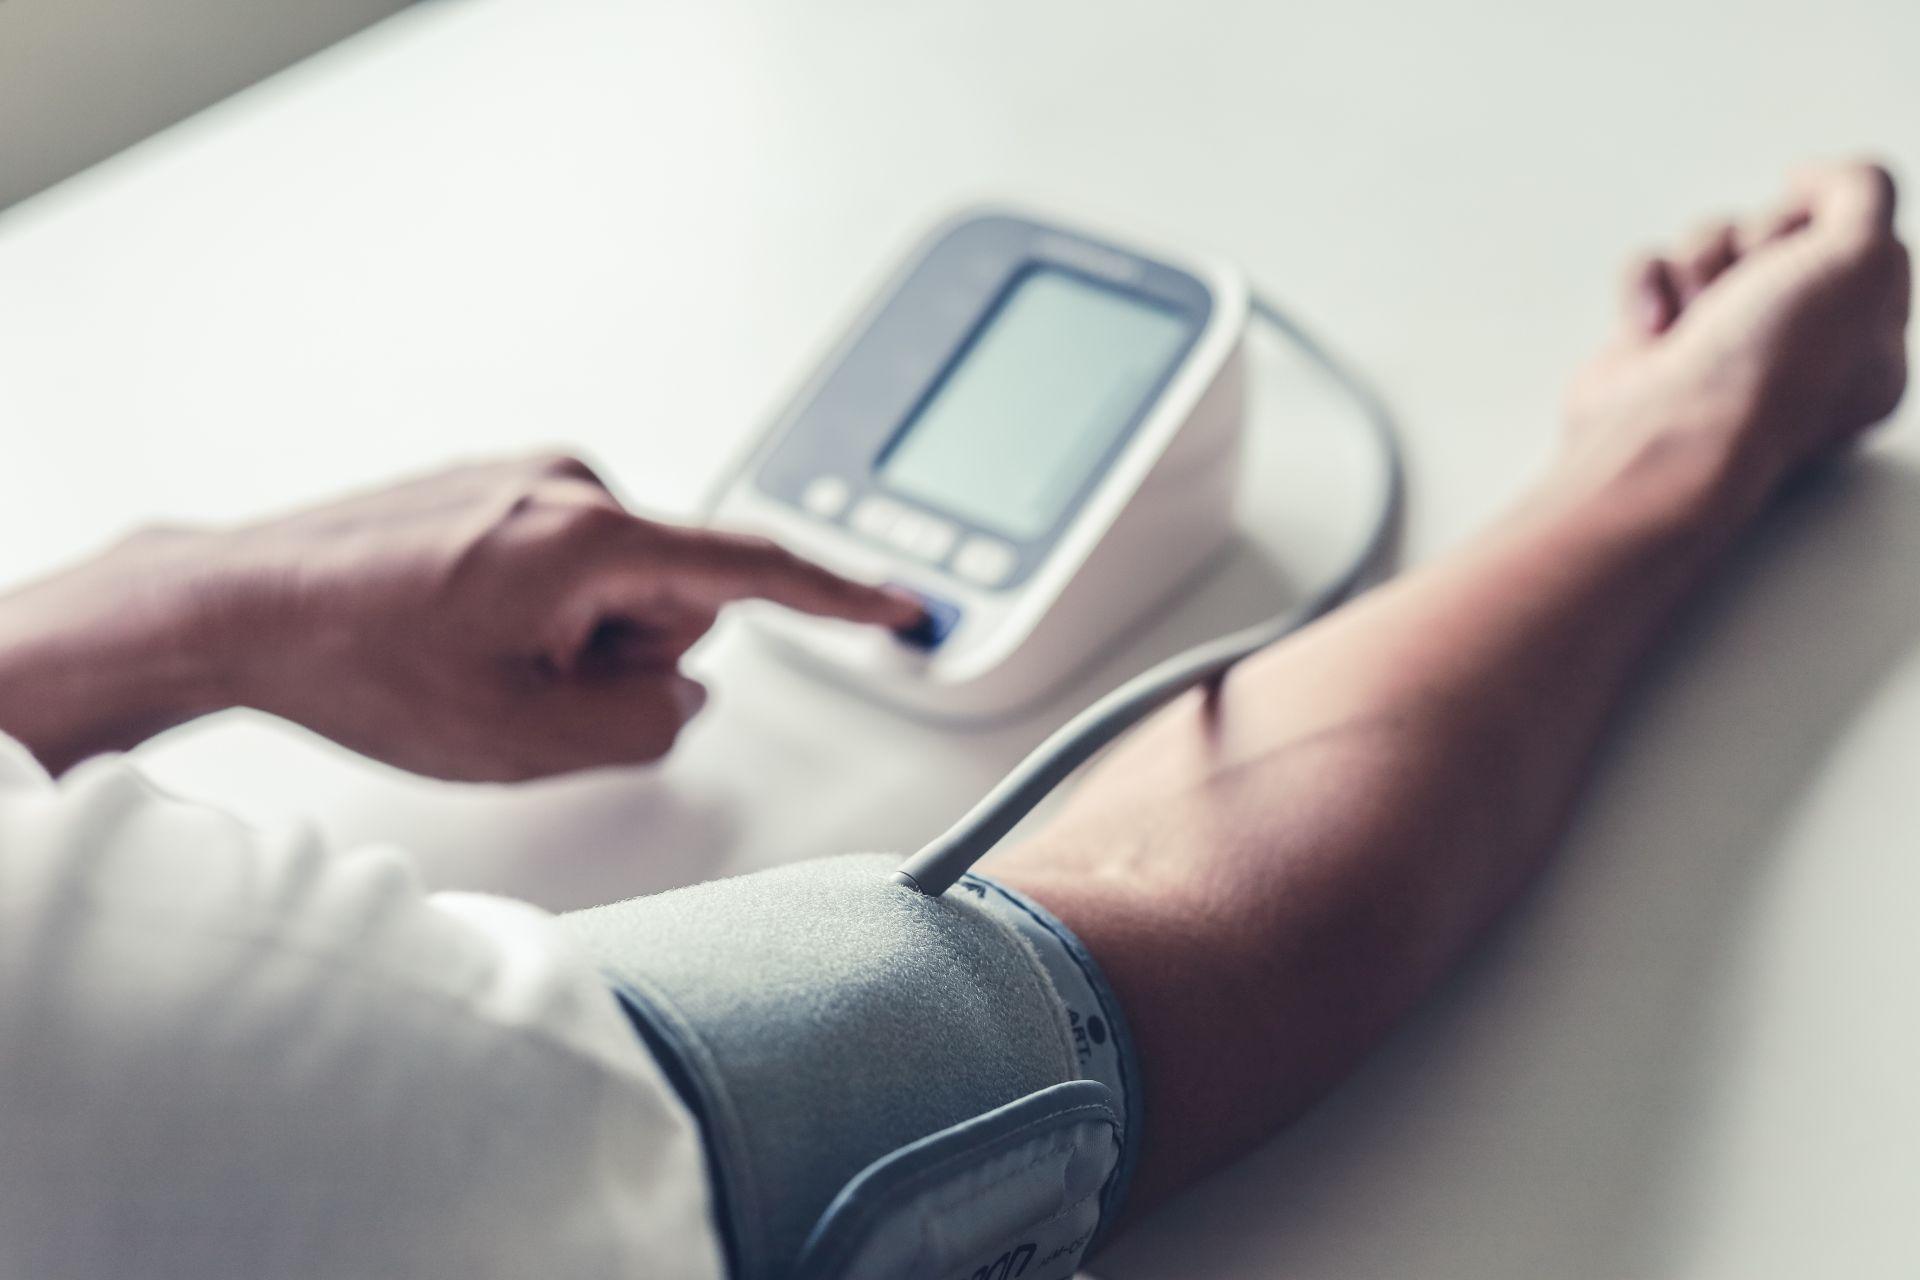 Nadciśnienie tętnicze - dieta i zmiana stylu życia pozwolą zmniejszyć ciśnienie krwi bez leków.